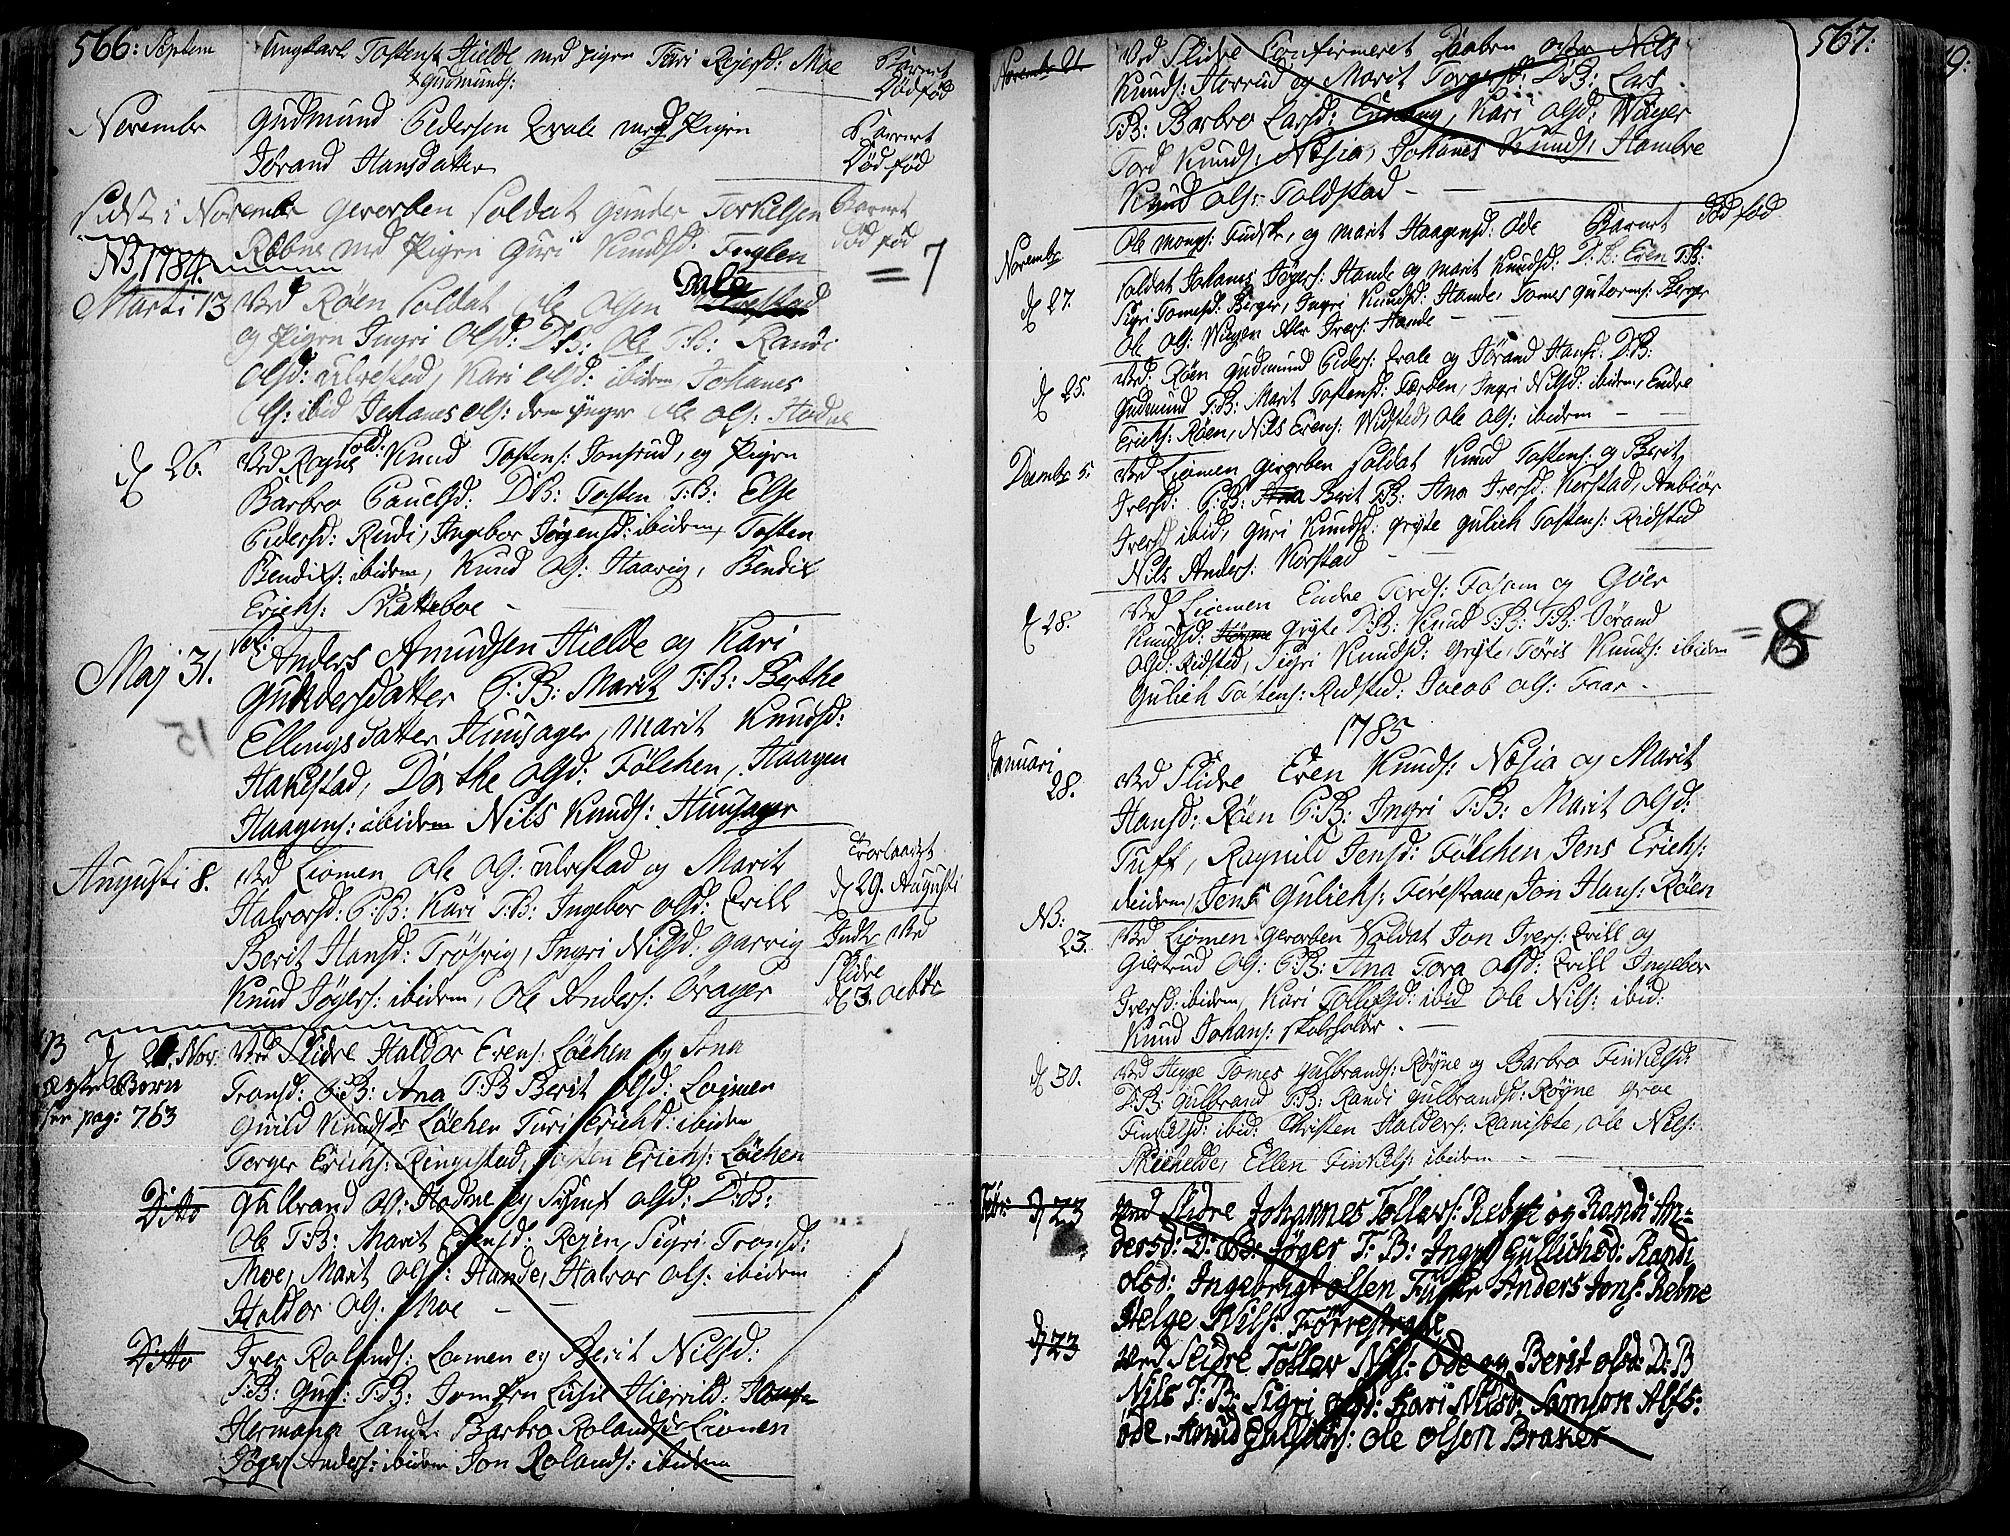 SAH, Slidre prestekontor, Ministerialbok nr. 1, 1724-1814, s. 566-567